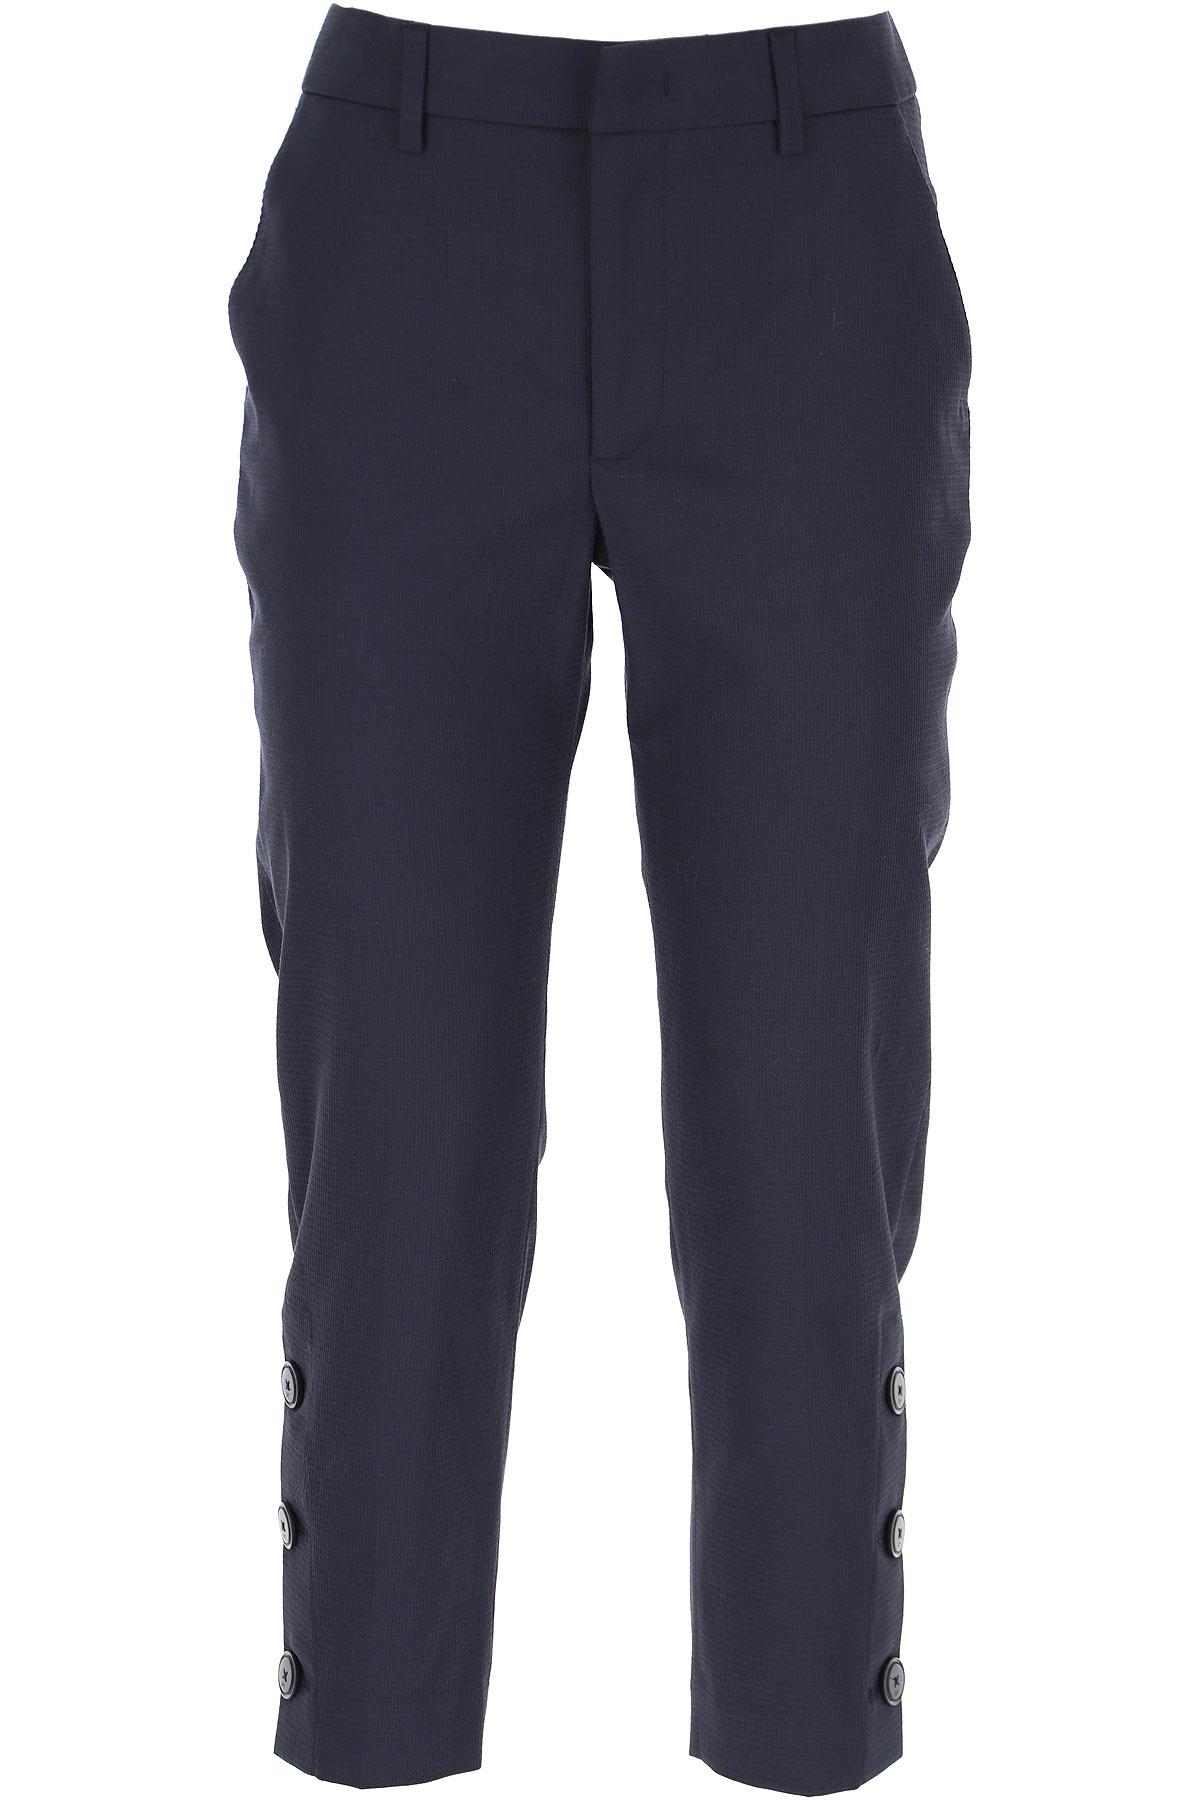 PT01 Pants for Women On Sale, Blue, Cotton, 2019, 26 28 30